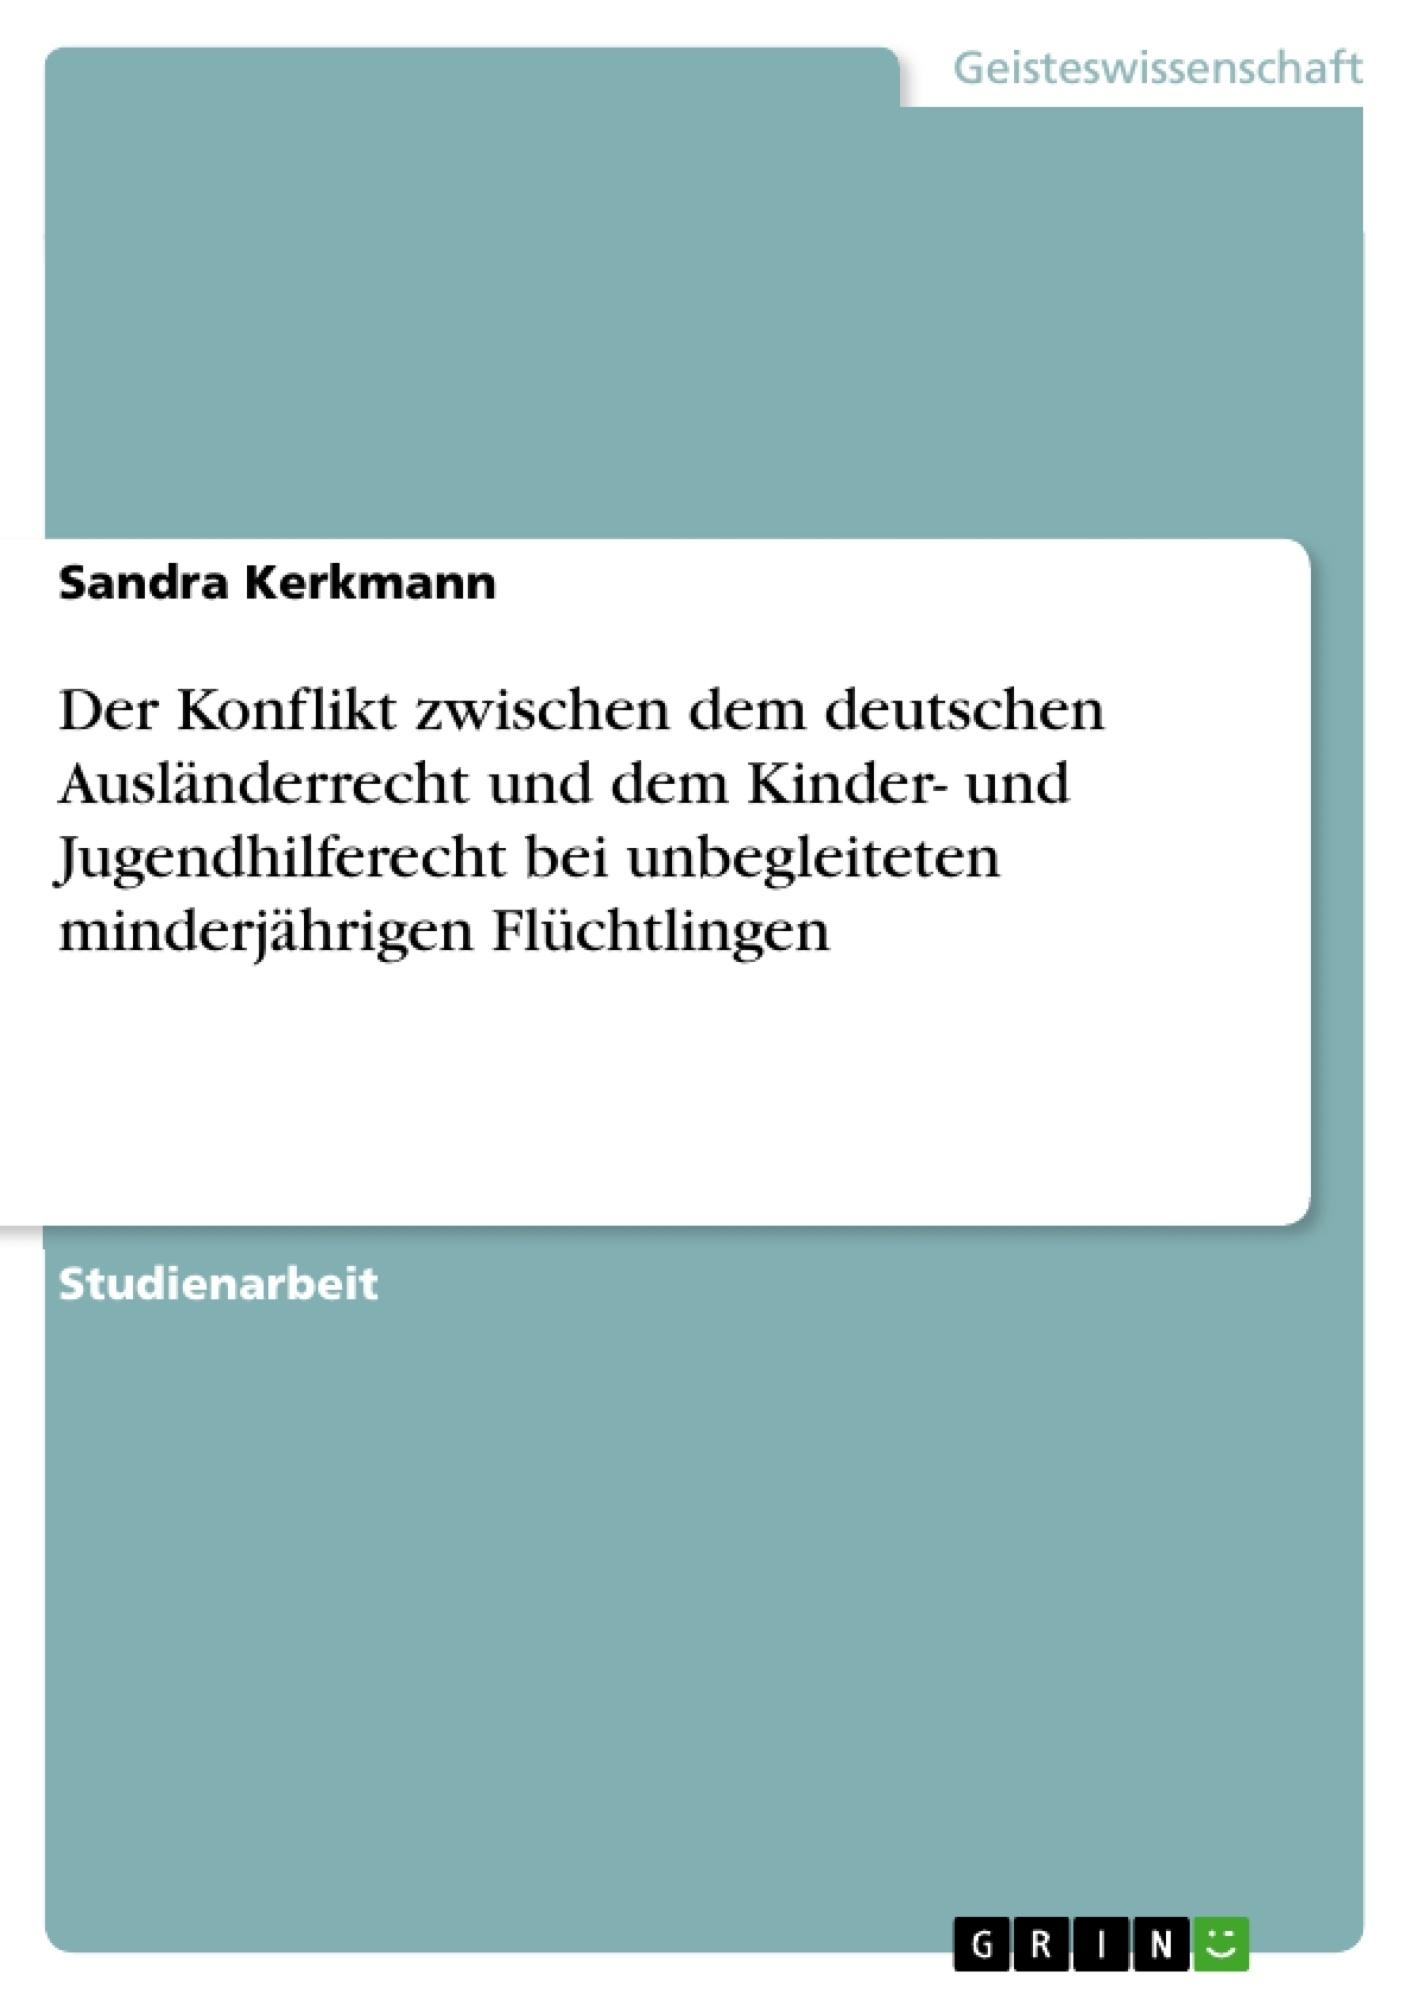 Titel: Der Konflikt zwischen dem deutschen Ausländerrecht und dem Kinder- und Jugendhilferecht bei unbegleiteten minderjährigen Flüchtlingen